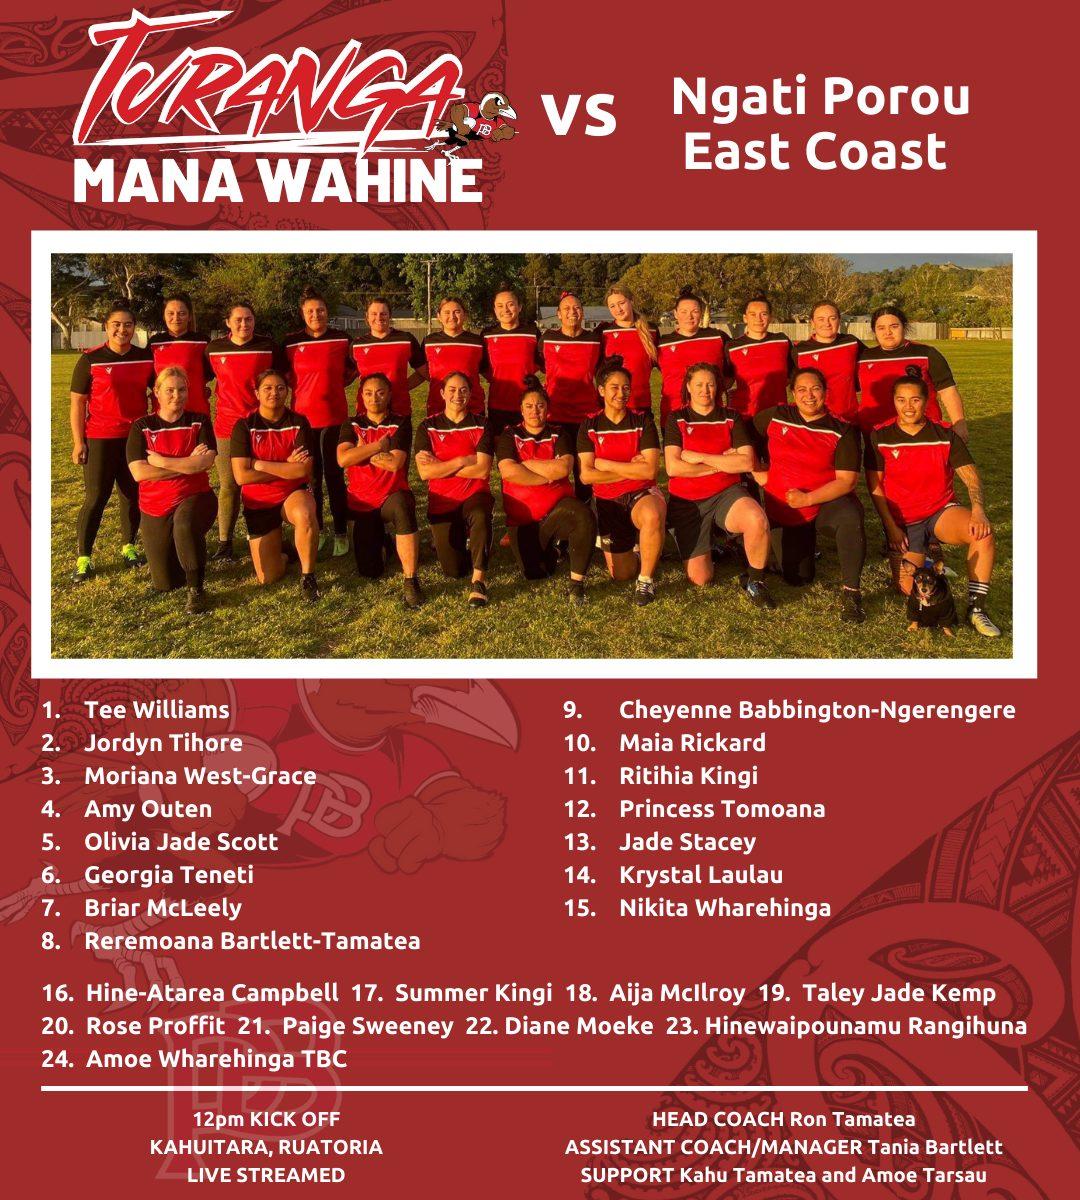 Turanga mana wahine team to play NPEC